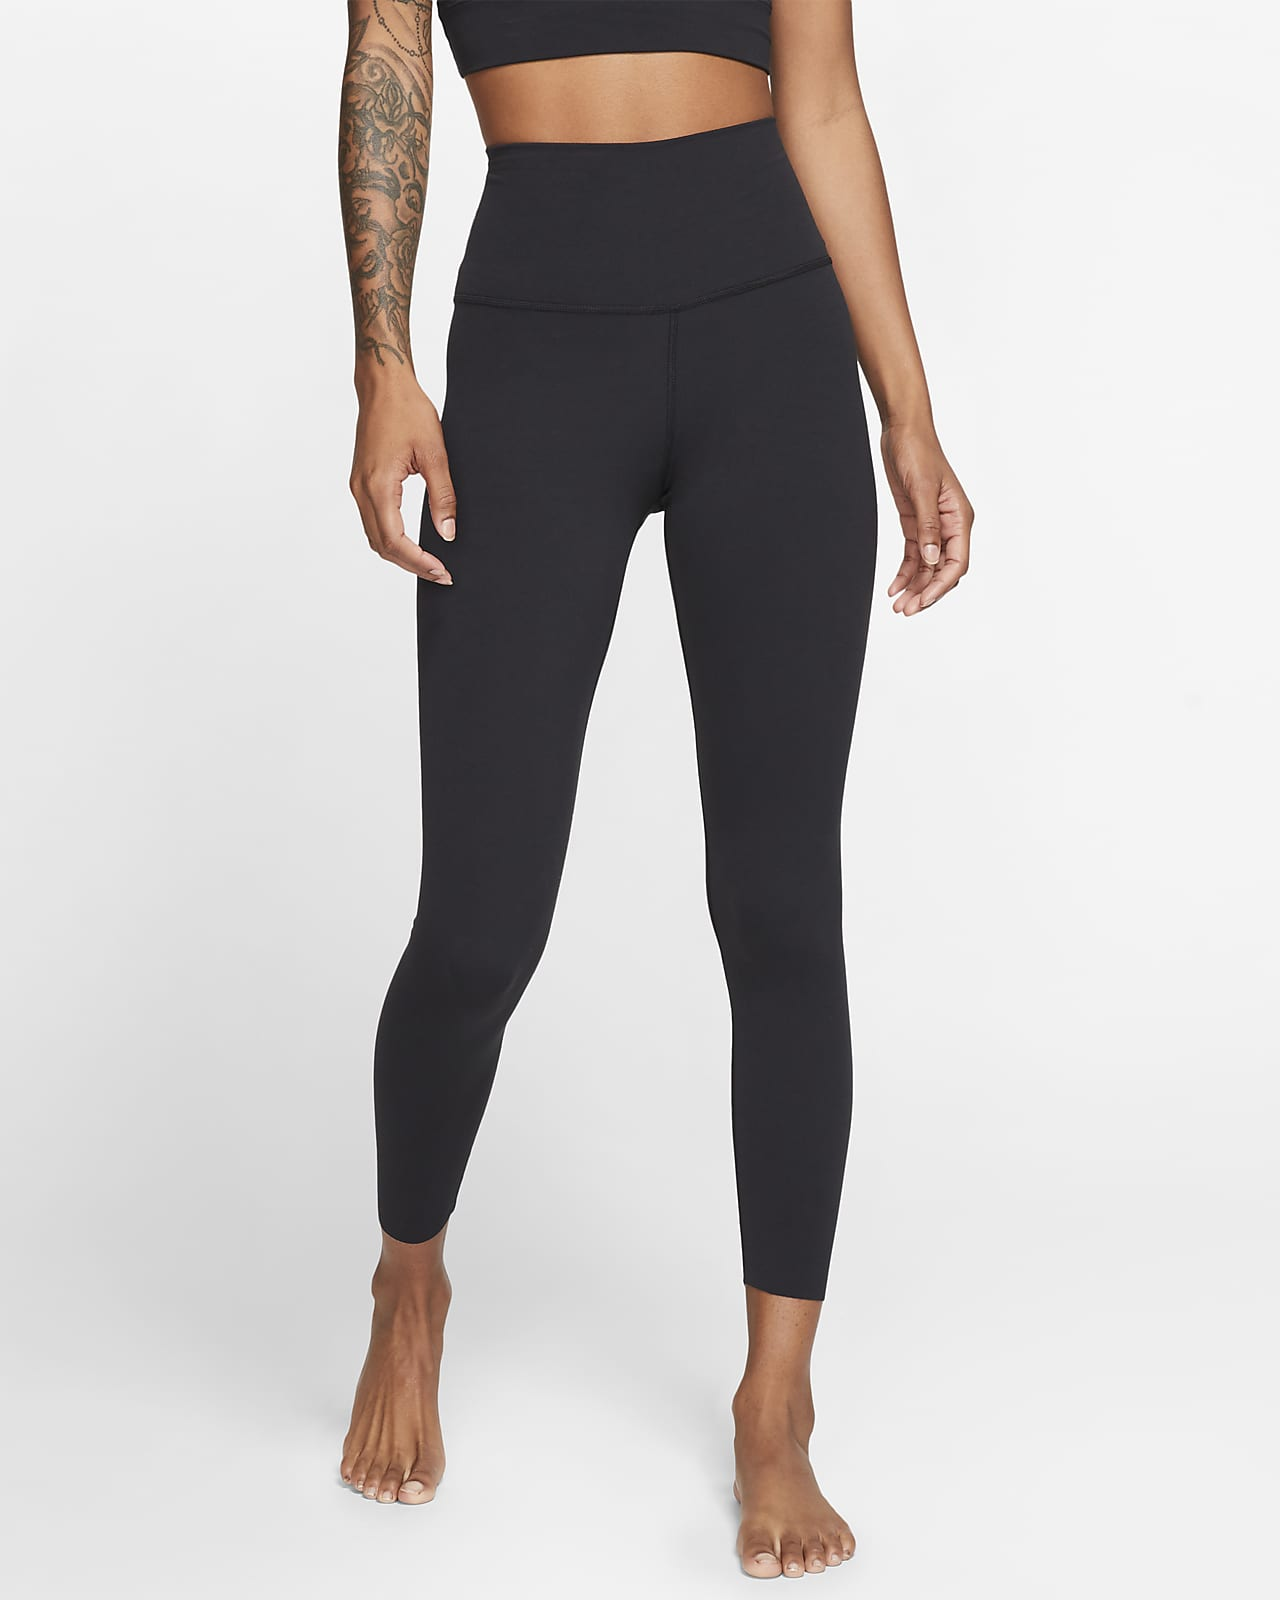 Nike Yoga Luxe Leggings de 7/8 de tejido Infinalon - Mujer